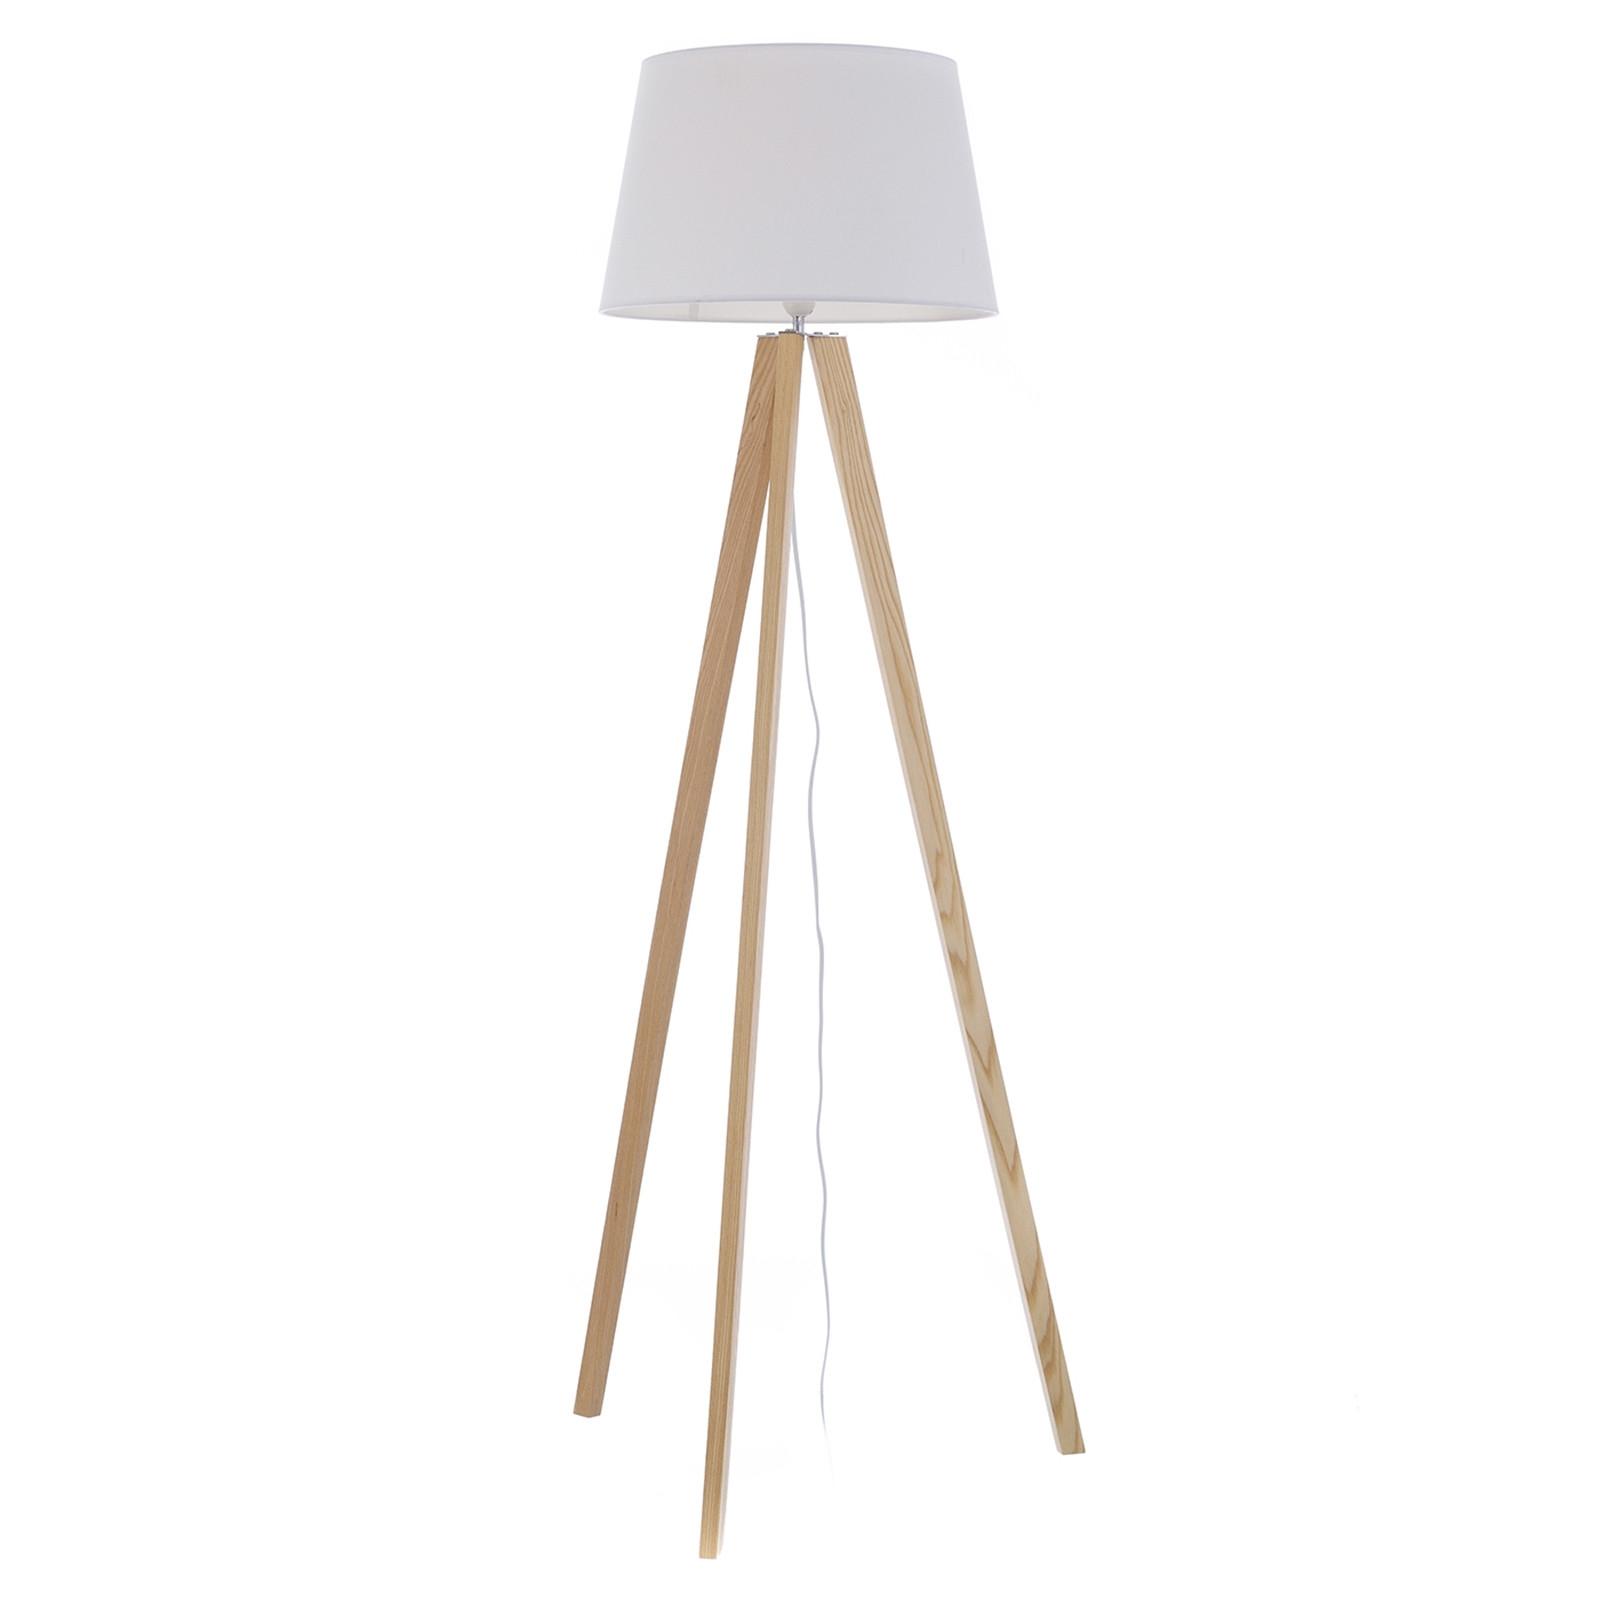 Lamparas de pie salon simple lampara de pie erideus - Lamparas de pie madera ...